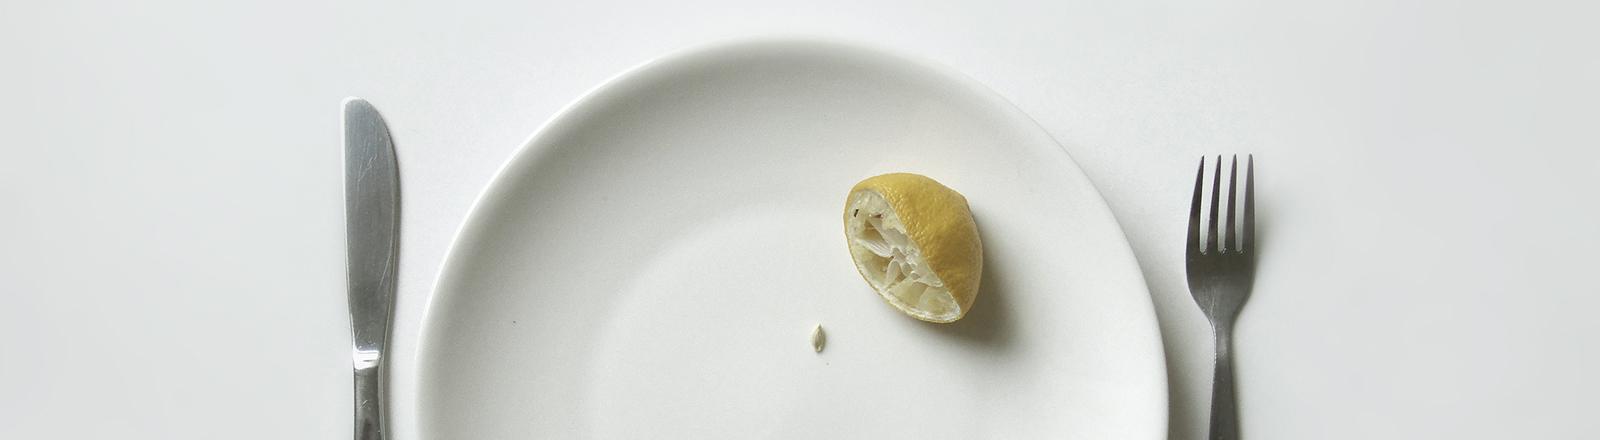 Ein leerer Teller, auf dem nur eine halbe Zitrone liegt, daneben Messer und Gabel